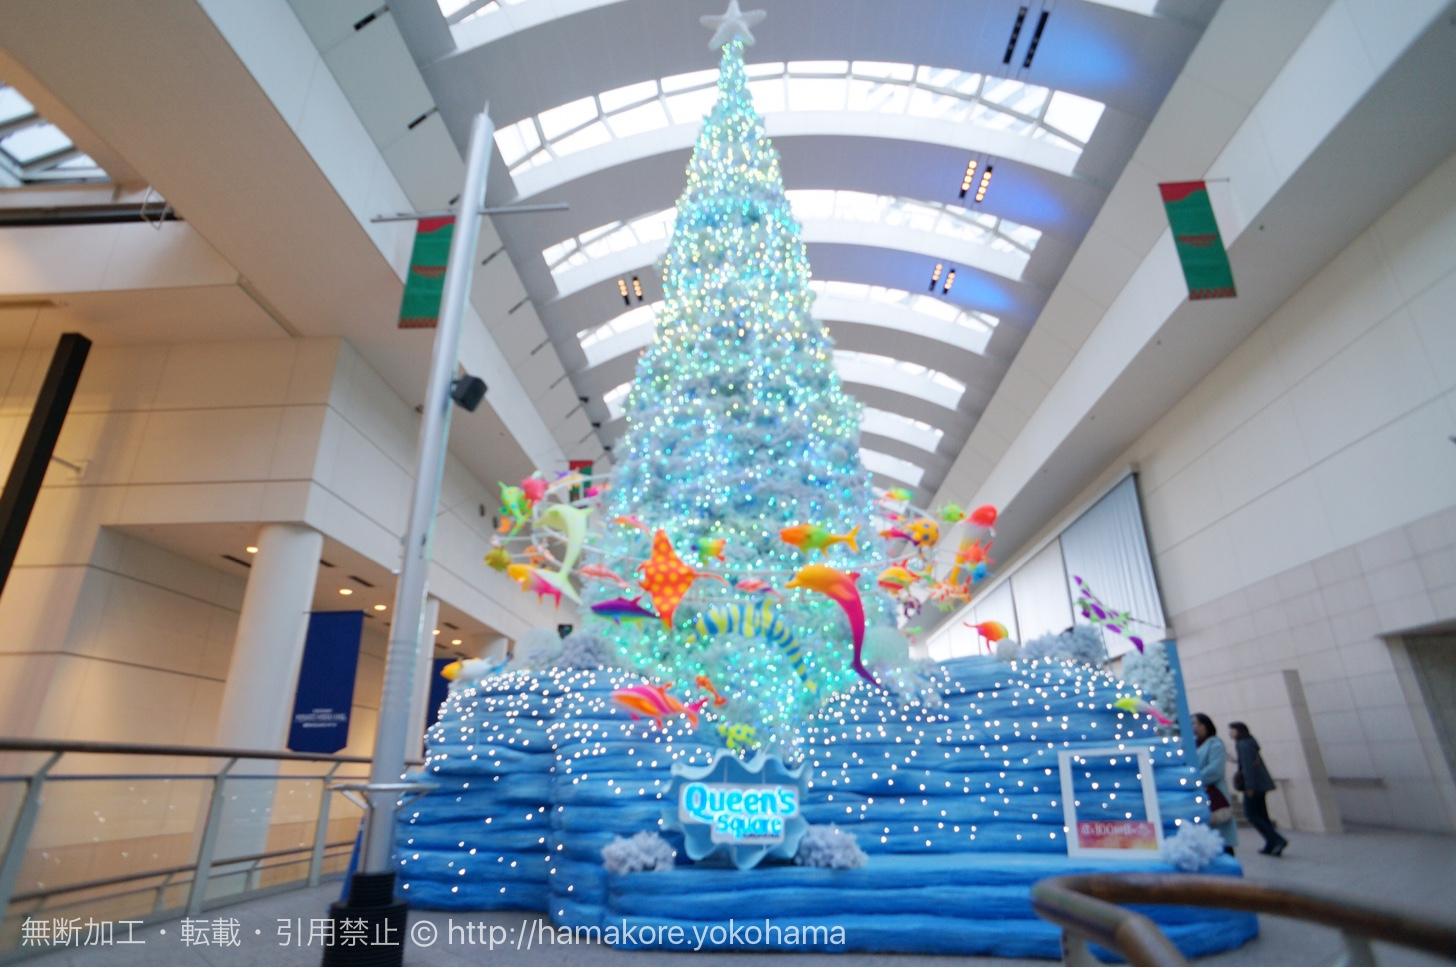 クイーンズスクエア クリスマス 2016のツリーが登場!海の生き物に囲まれたファンタジックツリー